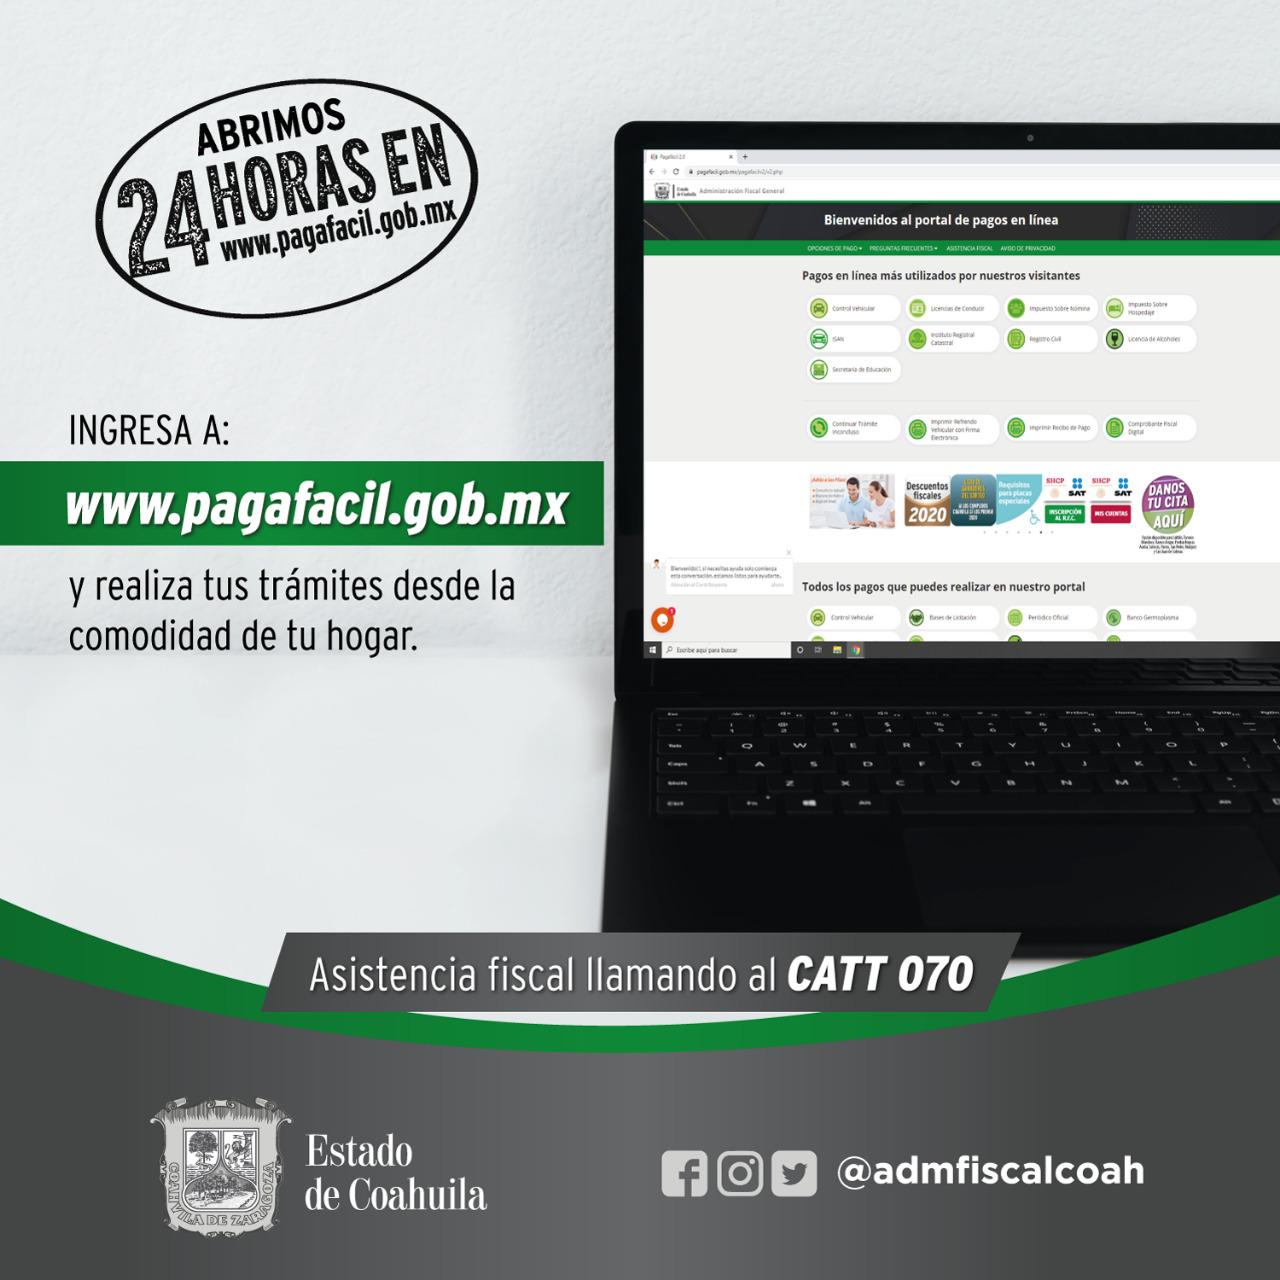 REALIZA TUS TRÁMITES DESDE PAGAFACIL Y AHORRA TIEMPO EN COAHUILA